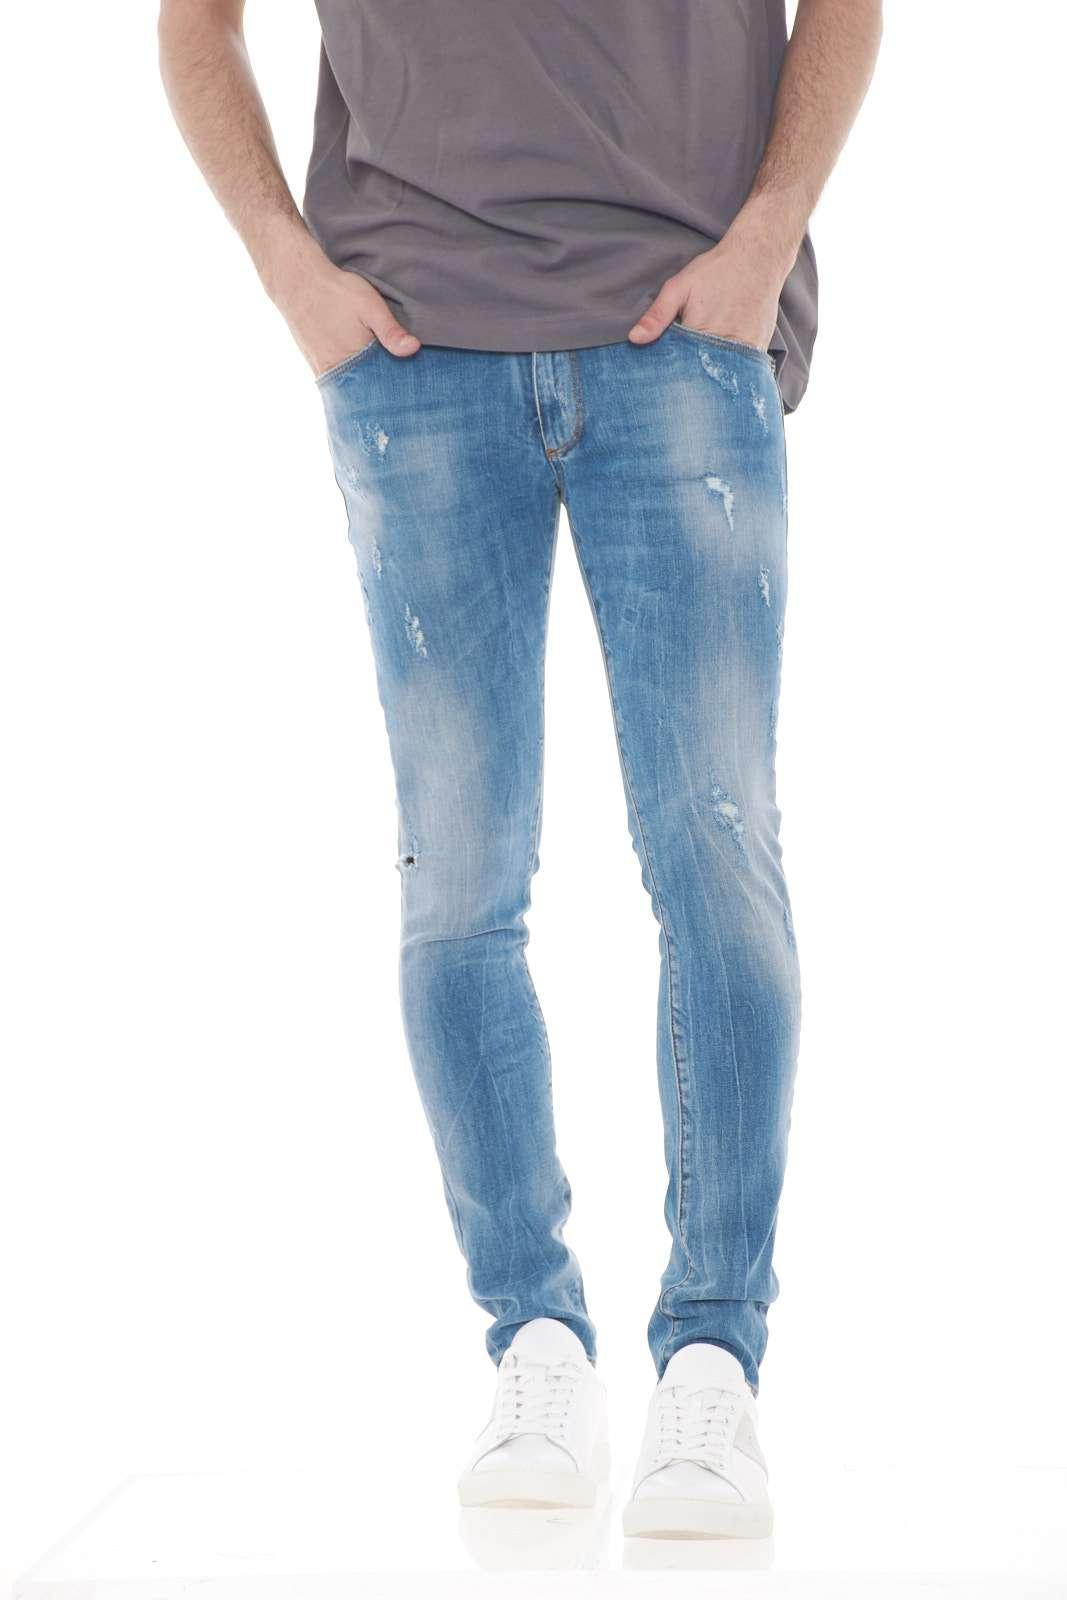 Un jeans pratico e fashion, firmato Clink Jeans London. Perfetto per il lavoro, e le occasioni di routine più casual, dove indossato con una t shirt, creerà un outfit semplice e curato. Il modello è alto 1.80m e indossa la taglia 31.